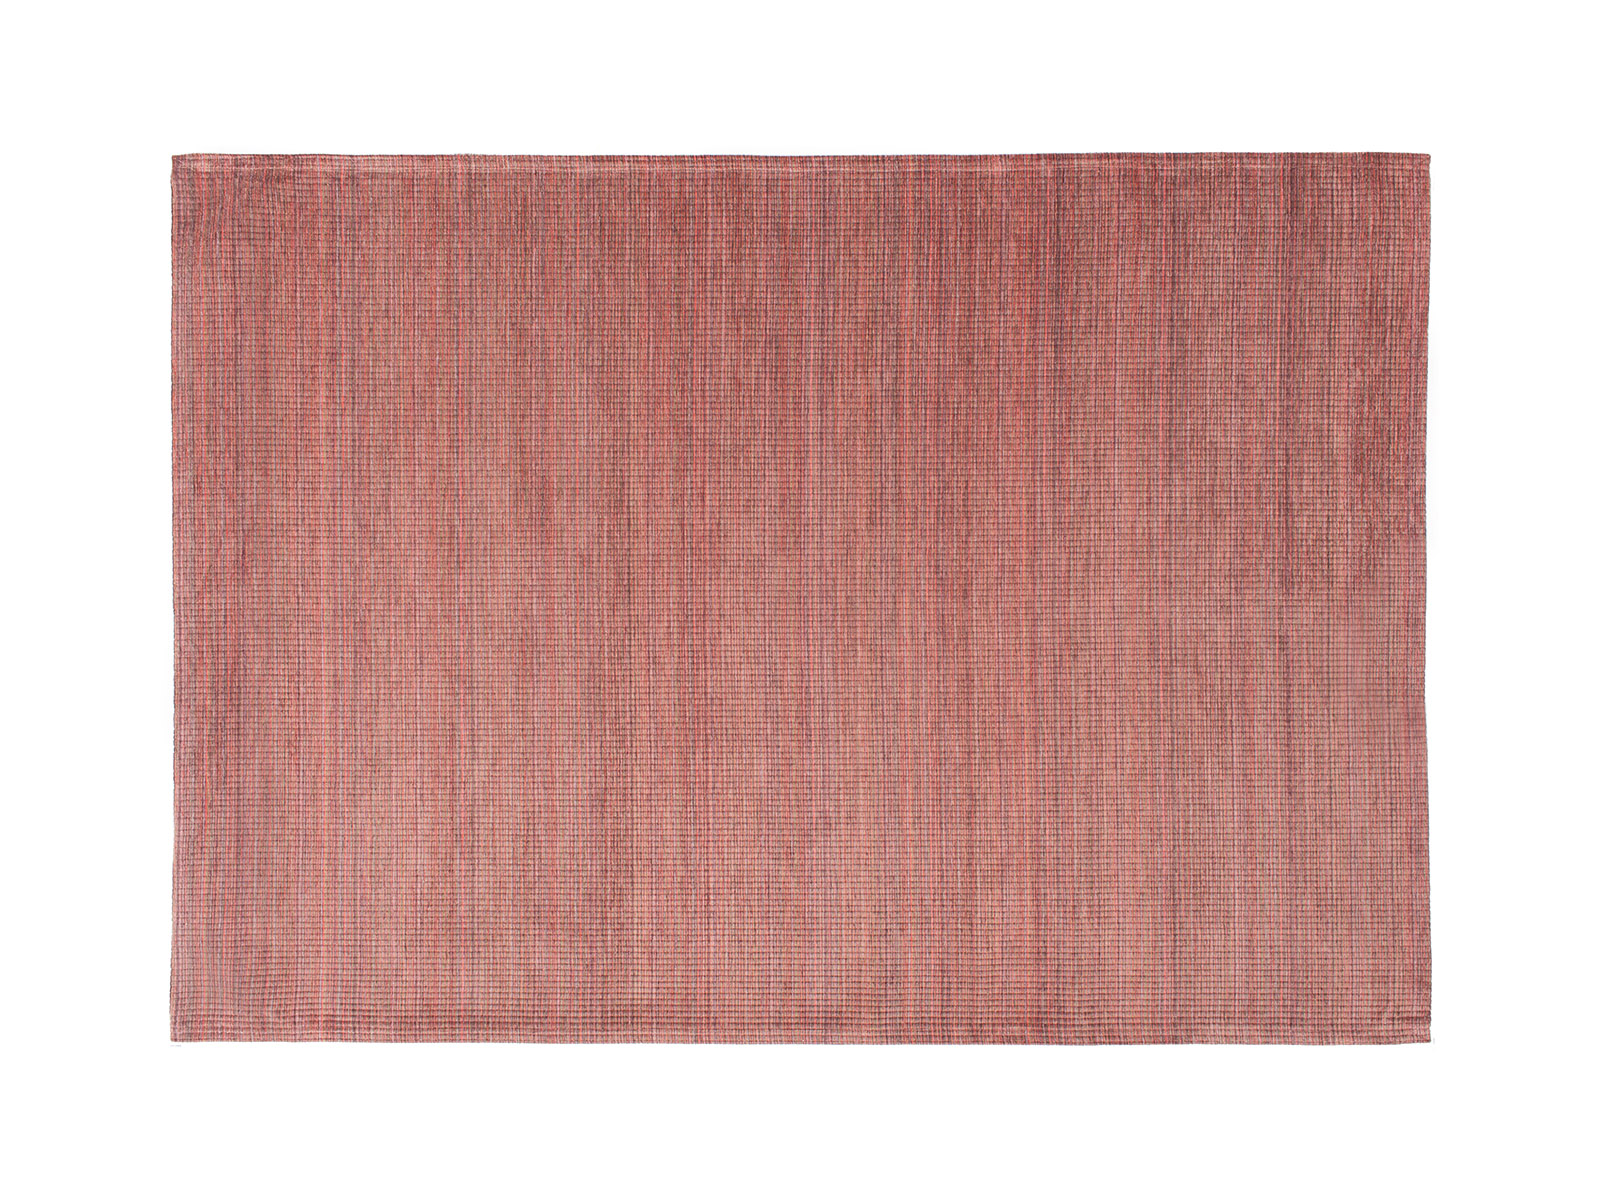 Ковер BambooКовры с коротким ворсом<br>Современный ковер обладающий многими положительными свойствами: - Покрытие Aquastop — это невидимый полимерный слой с гидрофобными свойствами, не позволяет образовываться      пятнам грязи и отталкивает пролитые жидкости и брызги - Покрытие Aquaclean — по...<br>